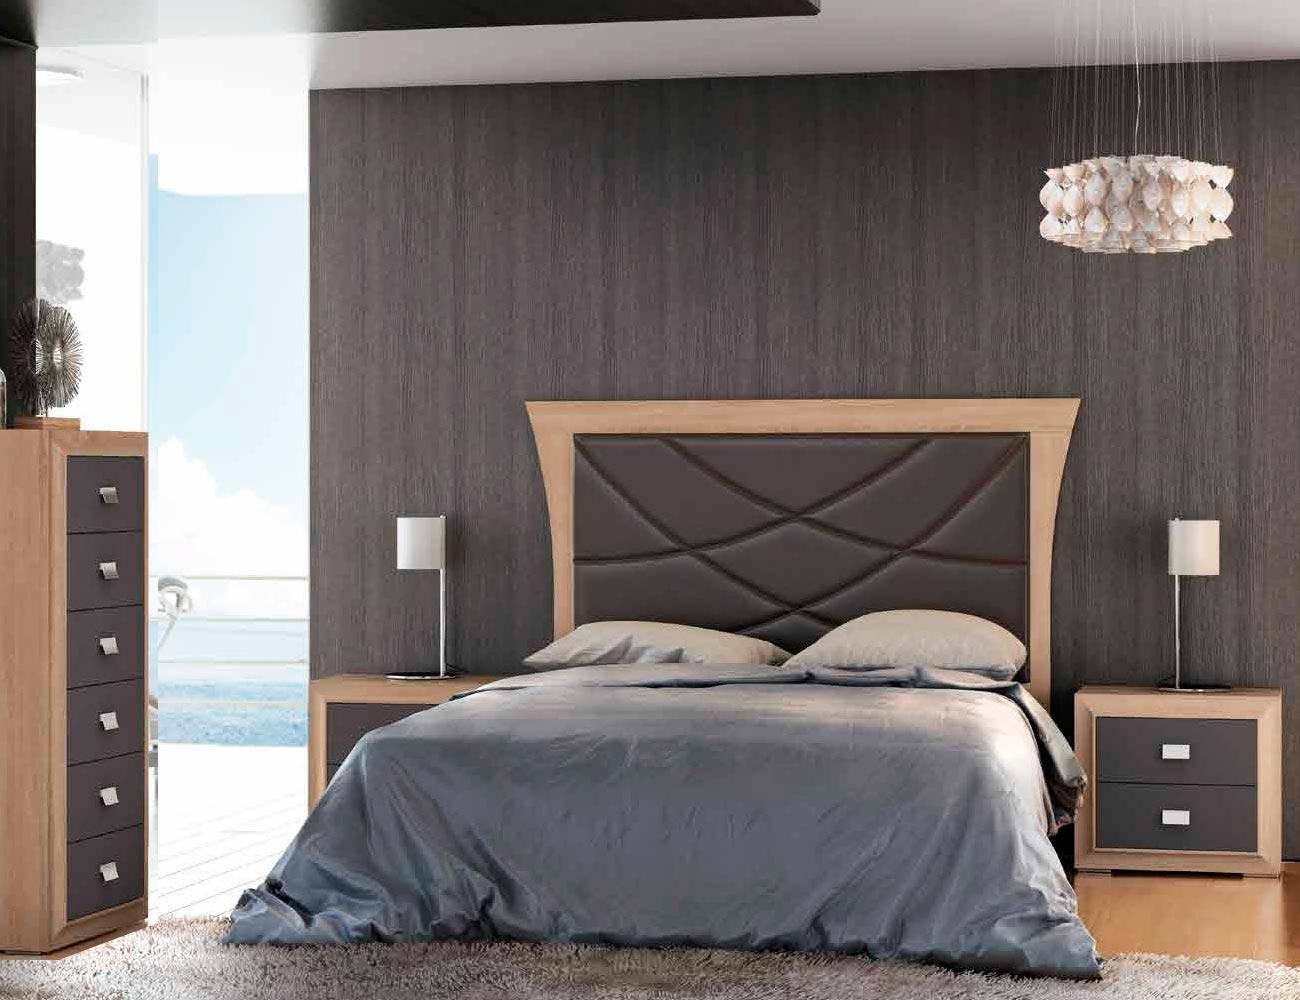 Dormitorio matrimonio nogal cambrian grafito 11